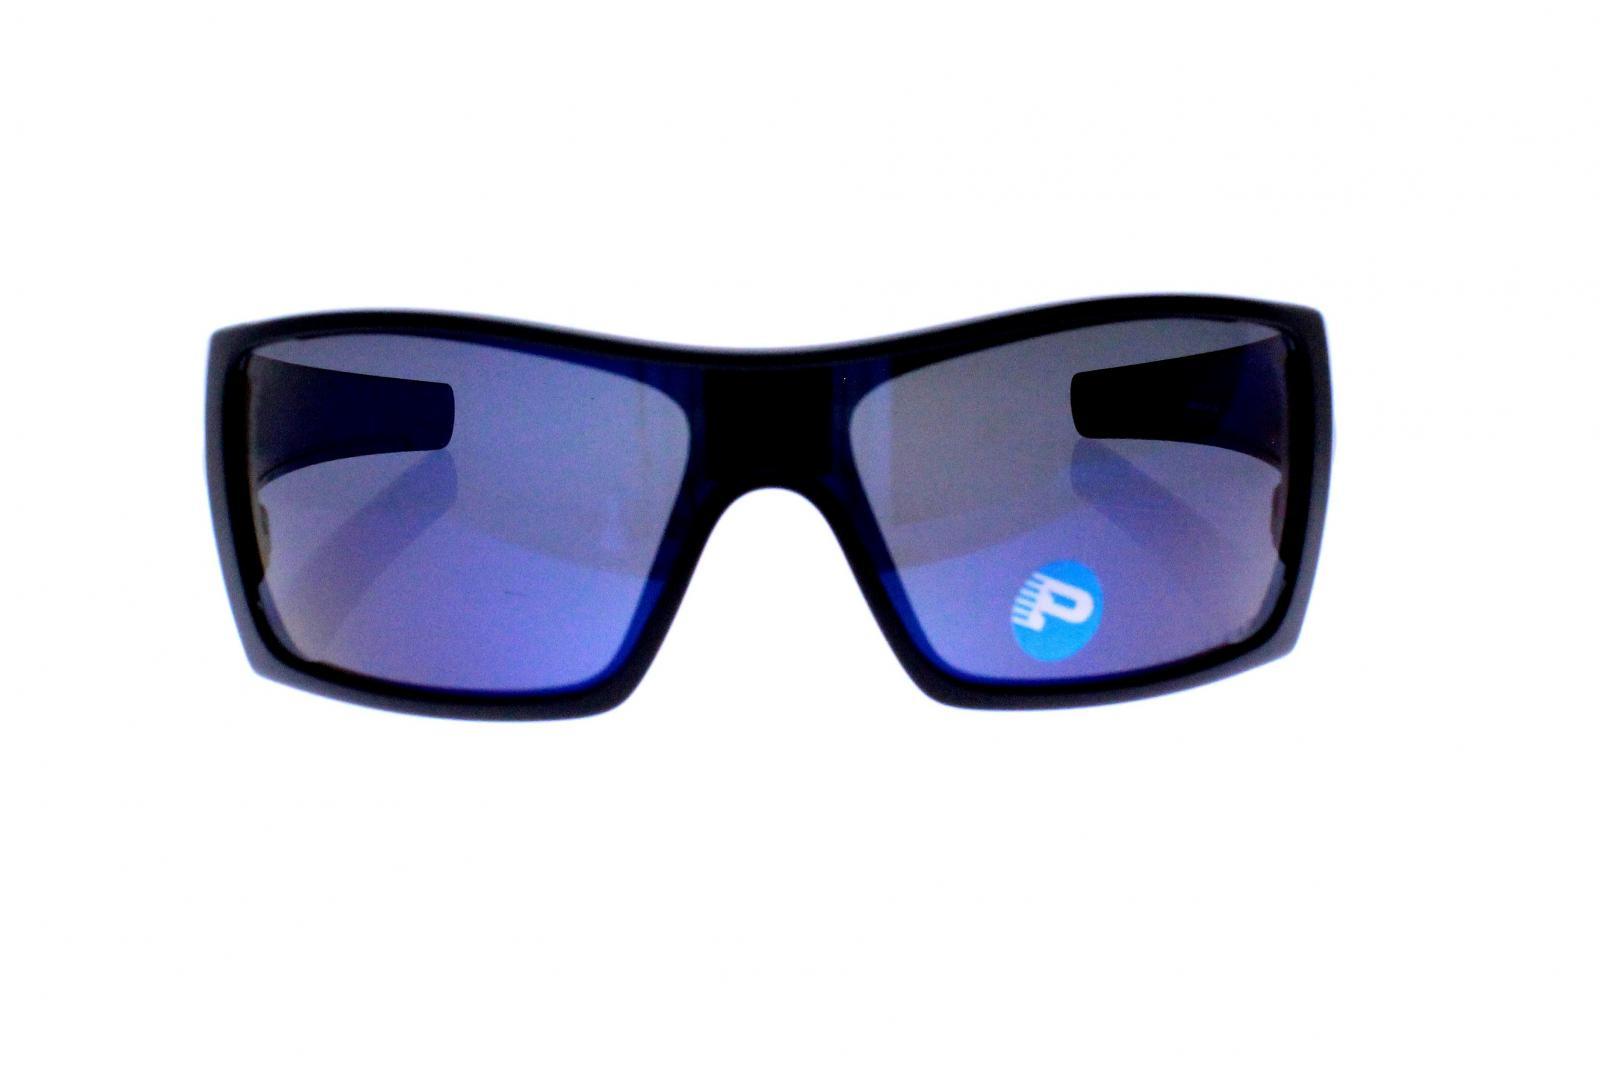 2c44ec170d8e27 Lunettes de Soleil Oakley Batwolf Oo 9101 36 pas cher - Optical Discount